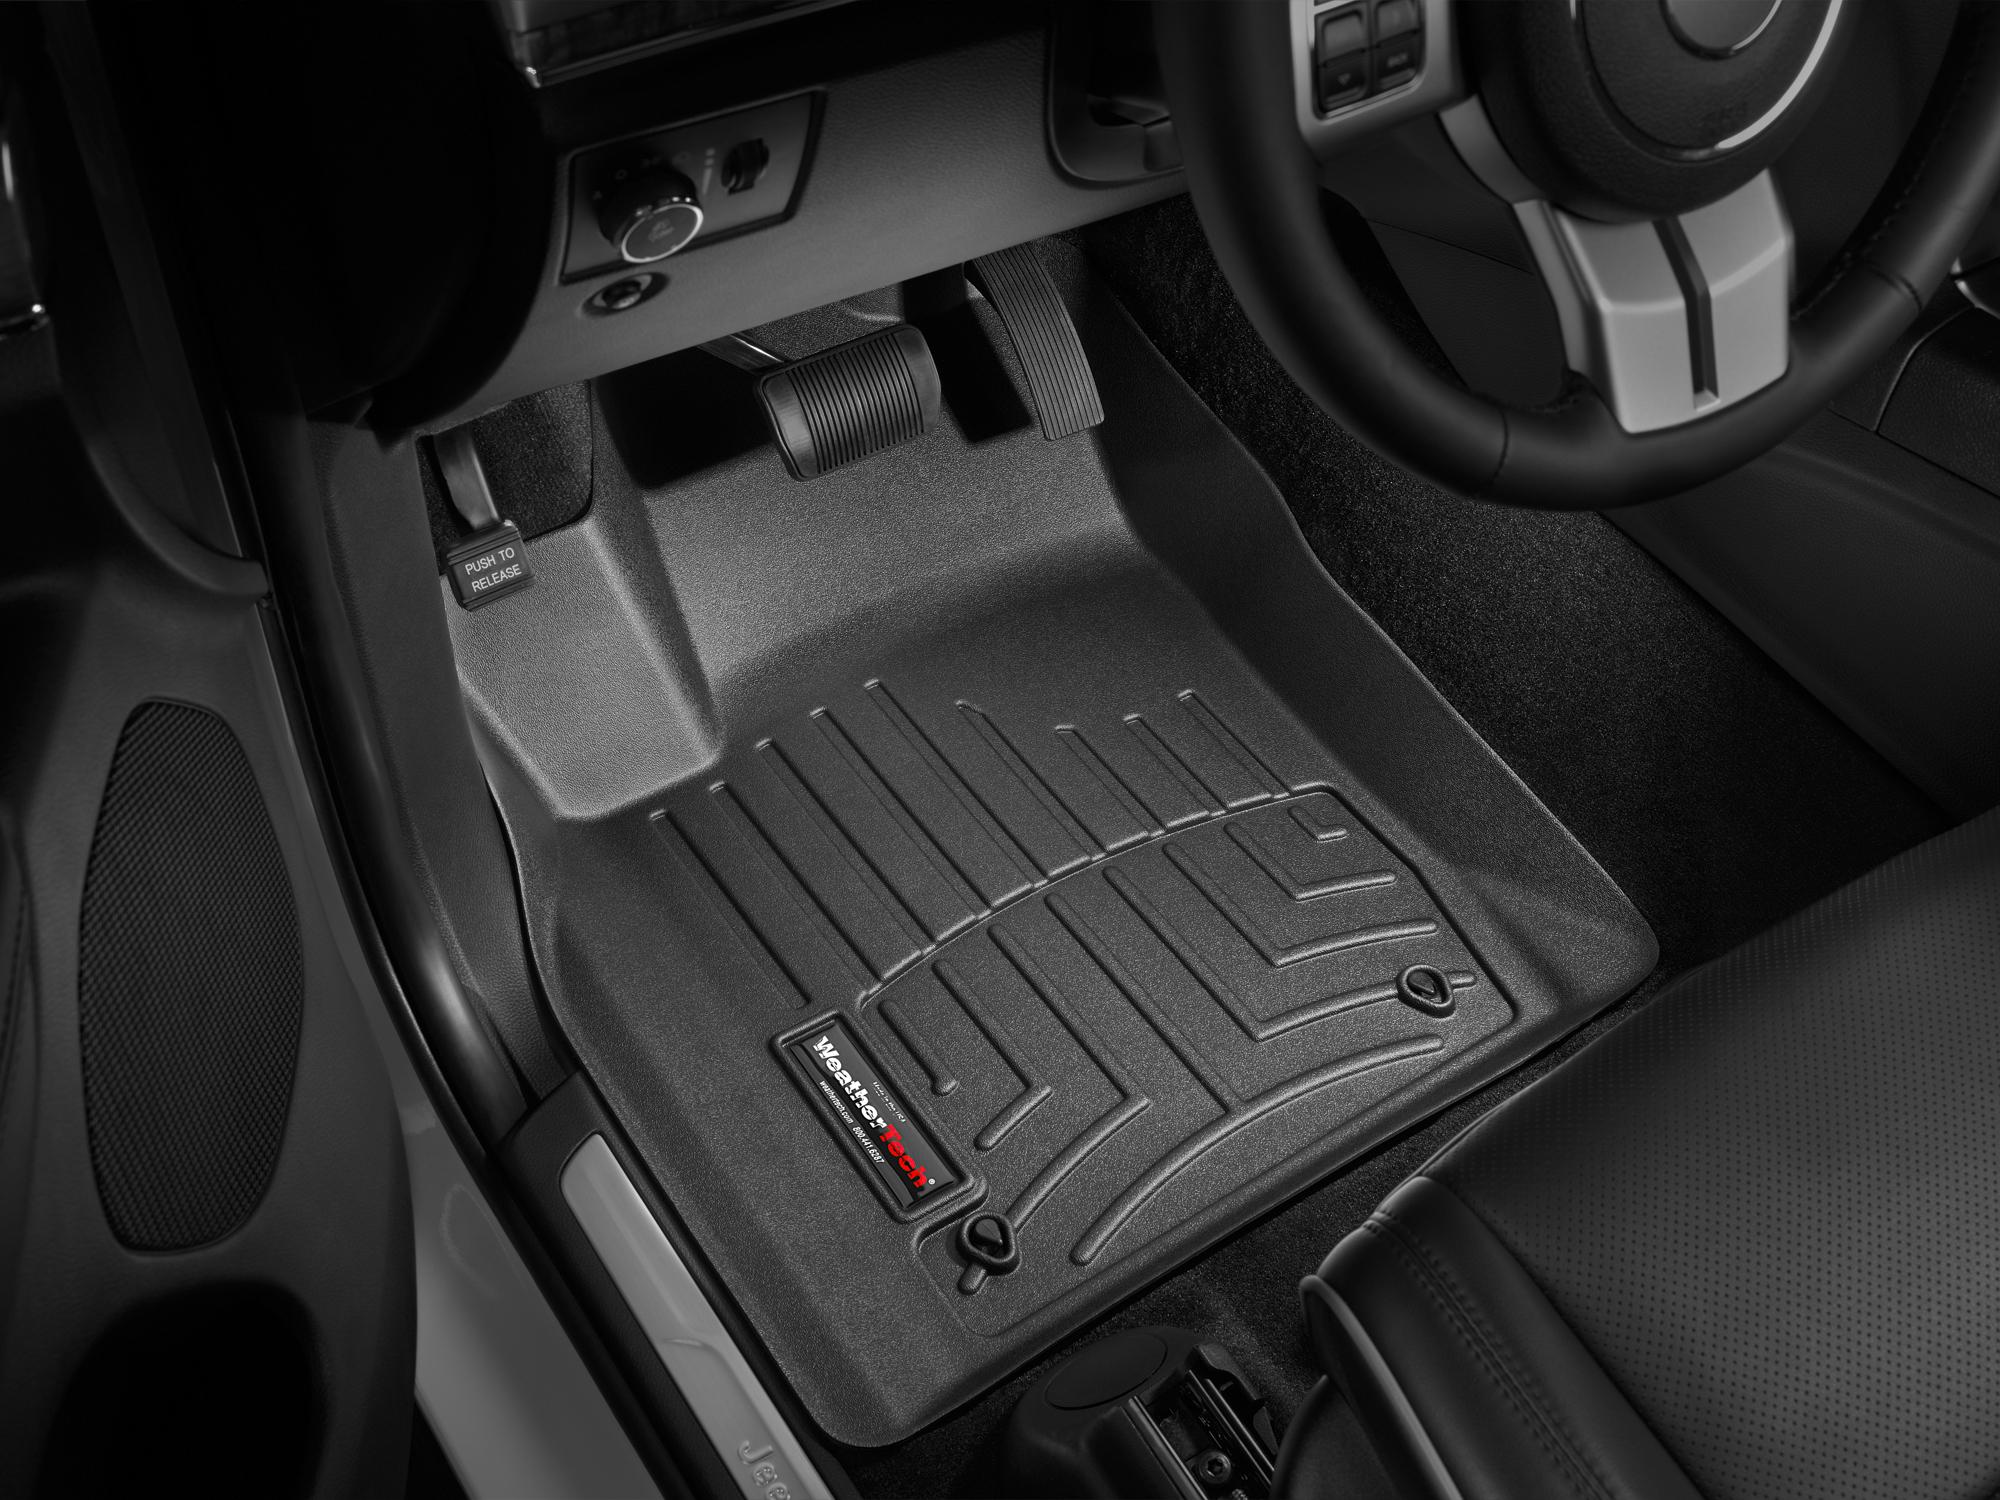 2012 Jeep Grand Cherokee Avm Hd Floor Mats Heavy Duty Flexible